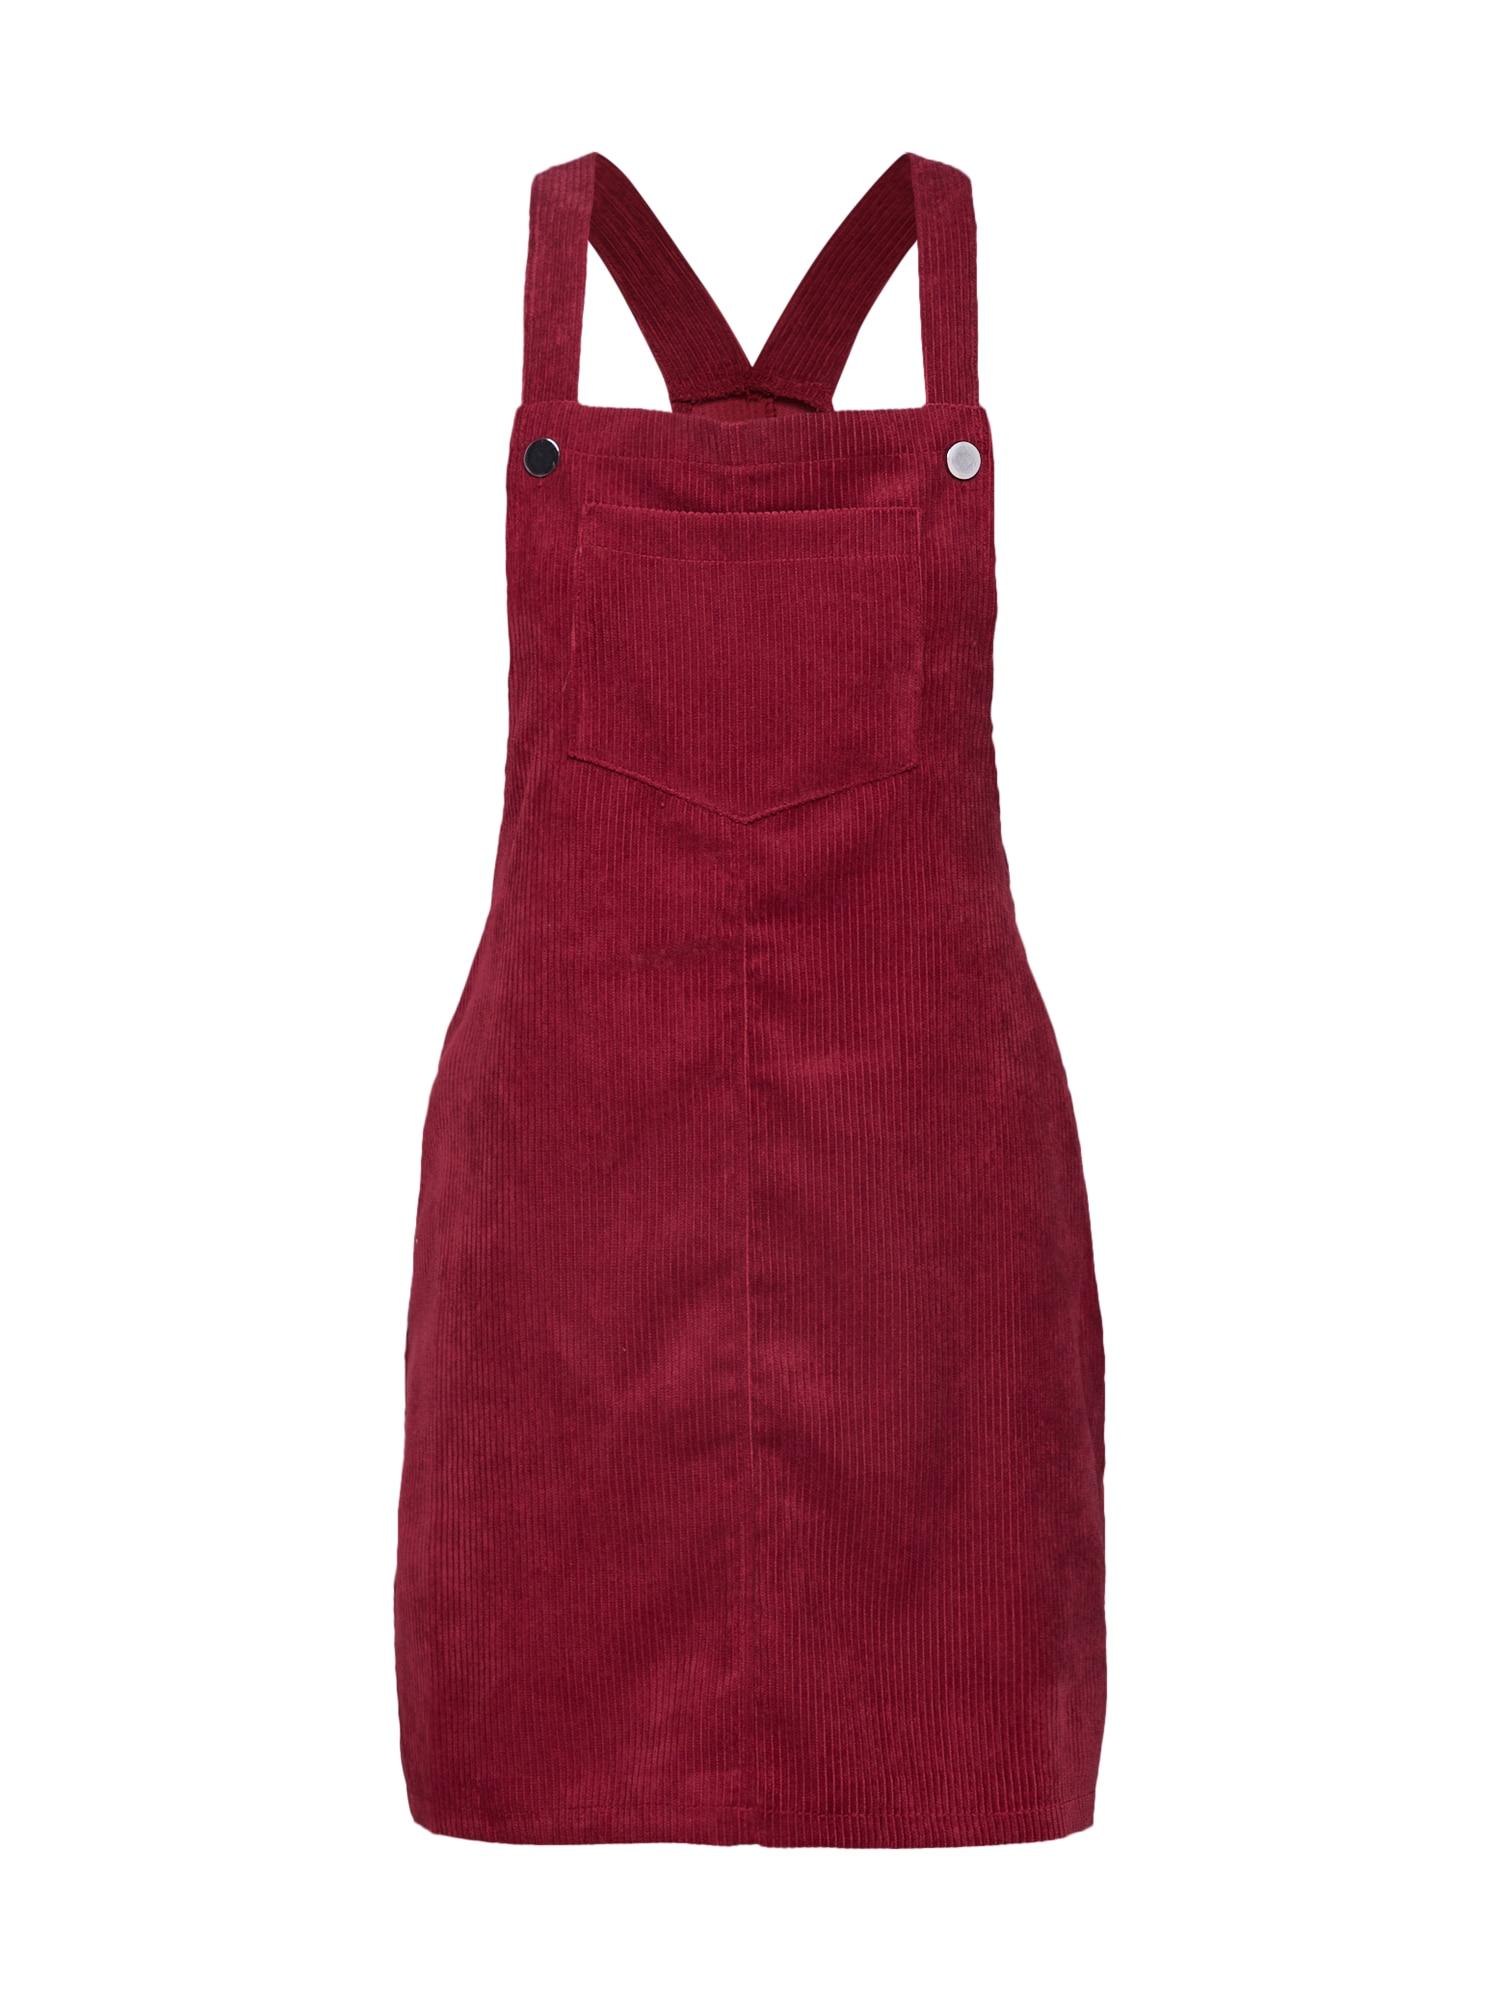 Laclová sukně CORDUROY PINAFORE DRESS burgundská červeň Missguided